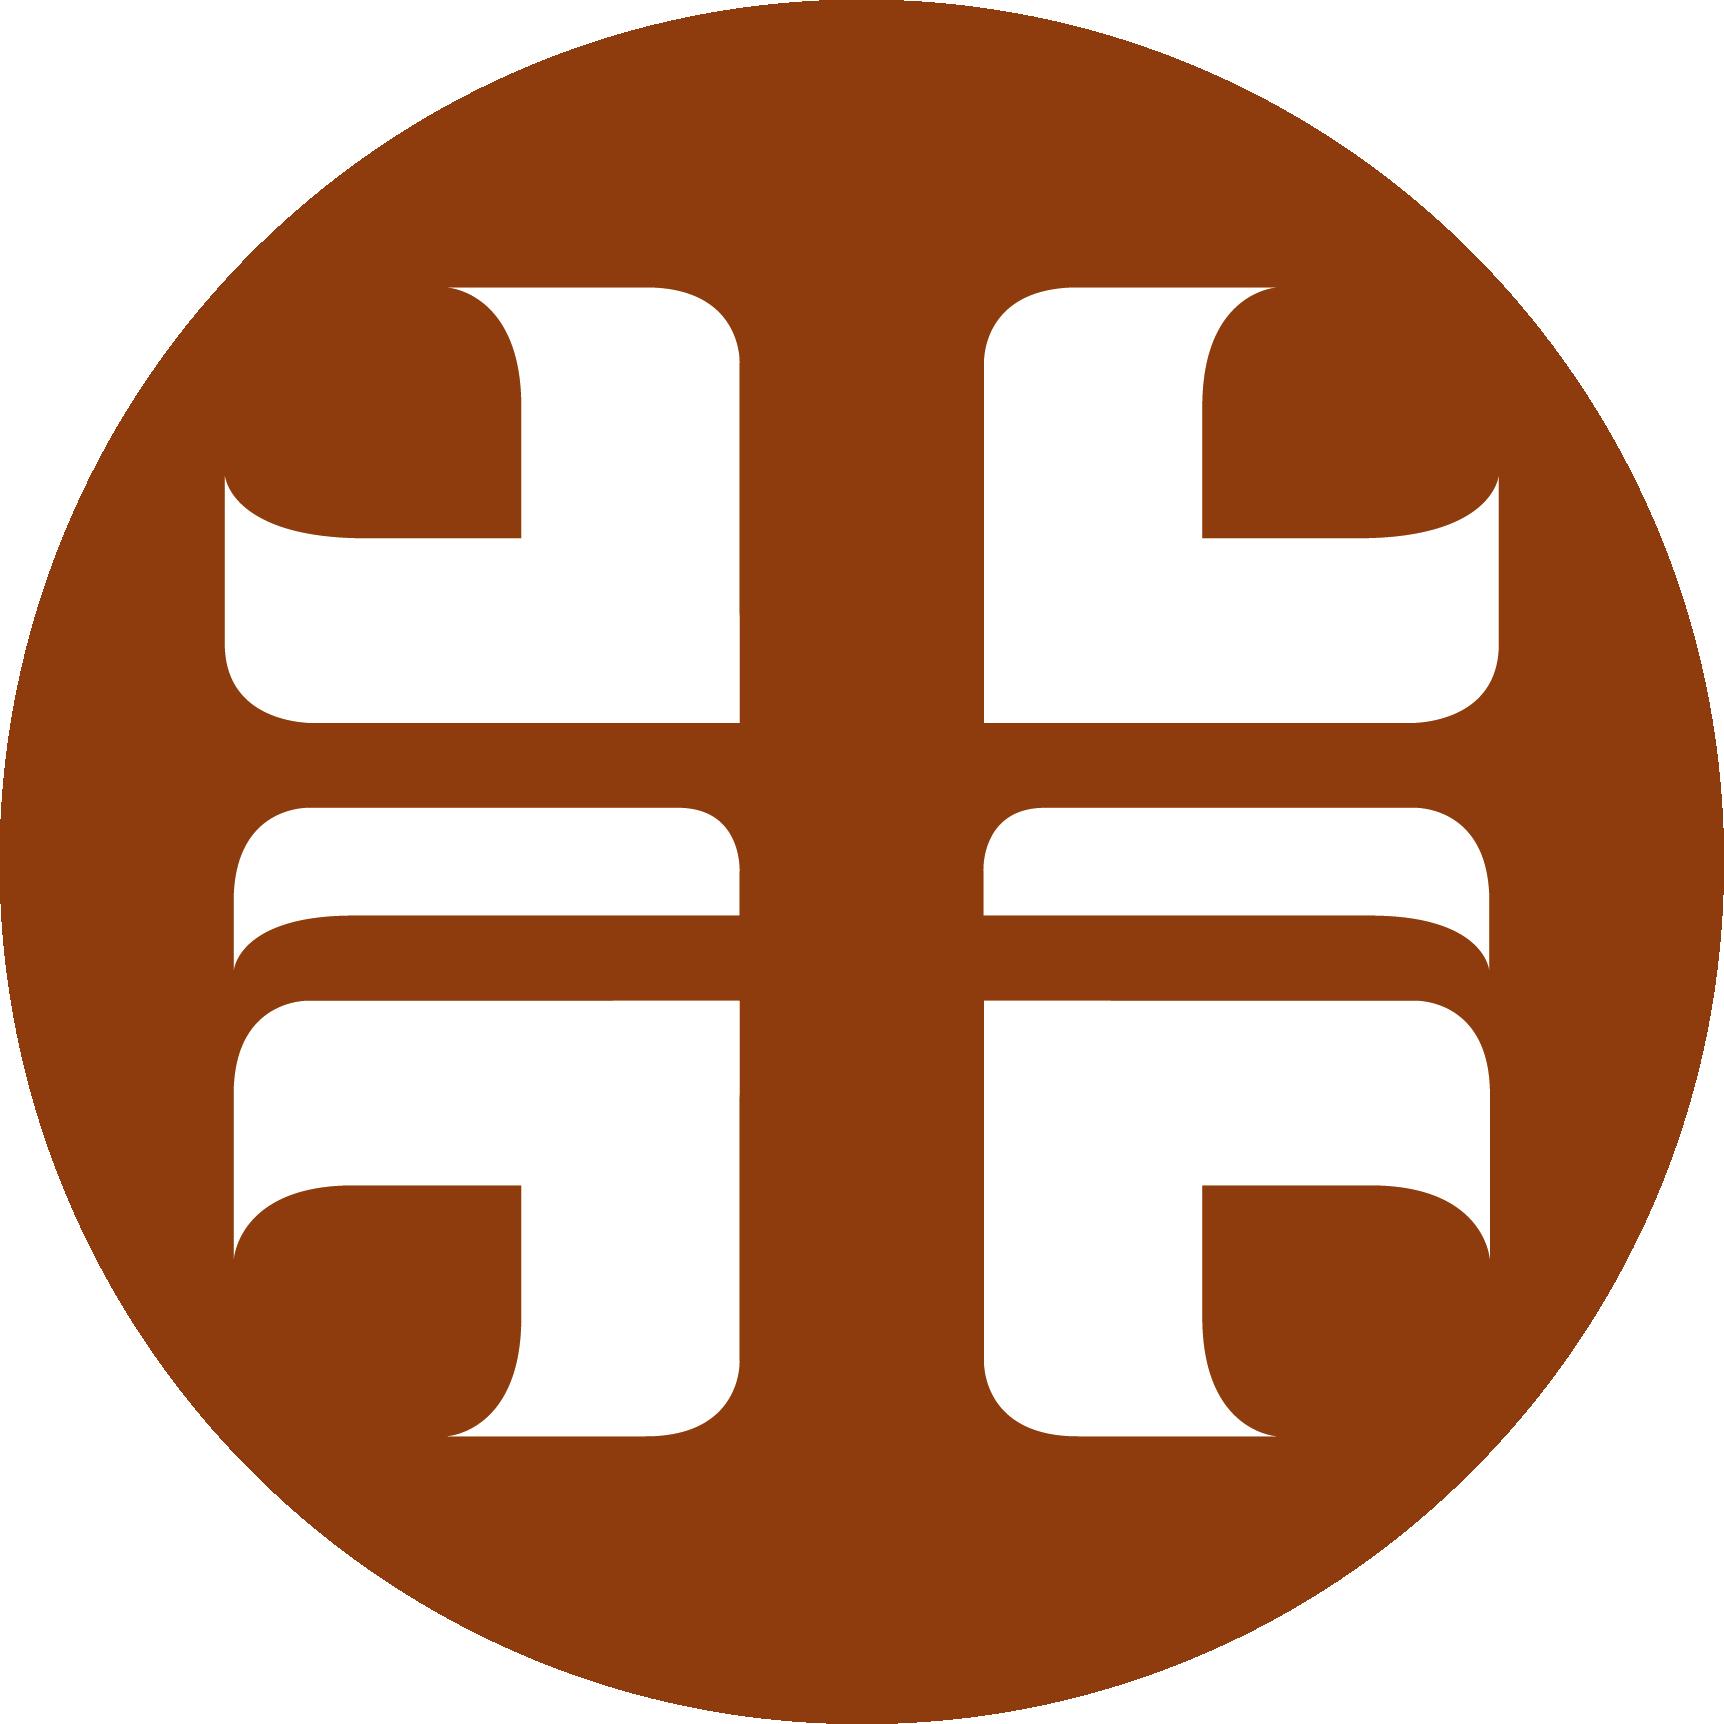 广东非遗梦文化产业有限公司